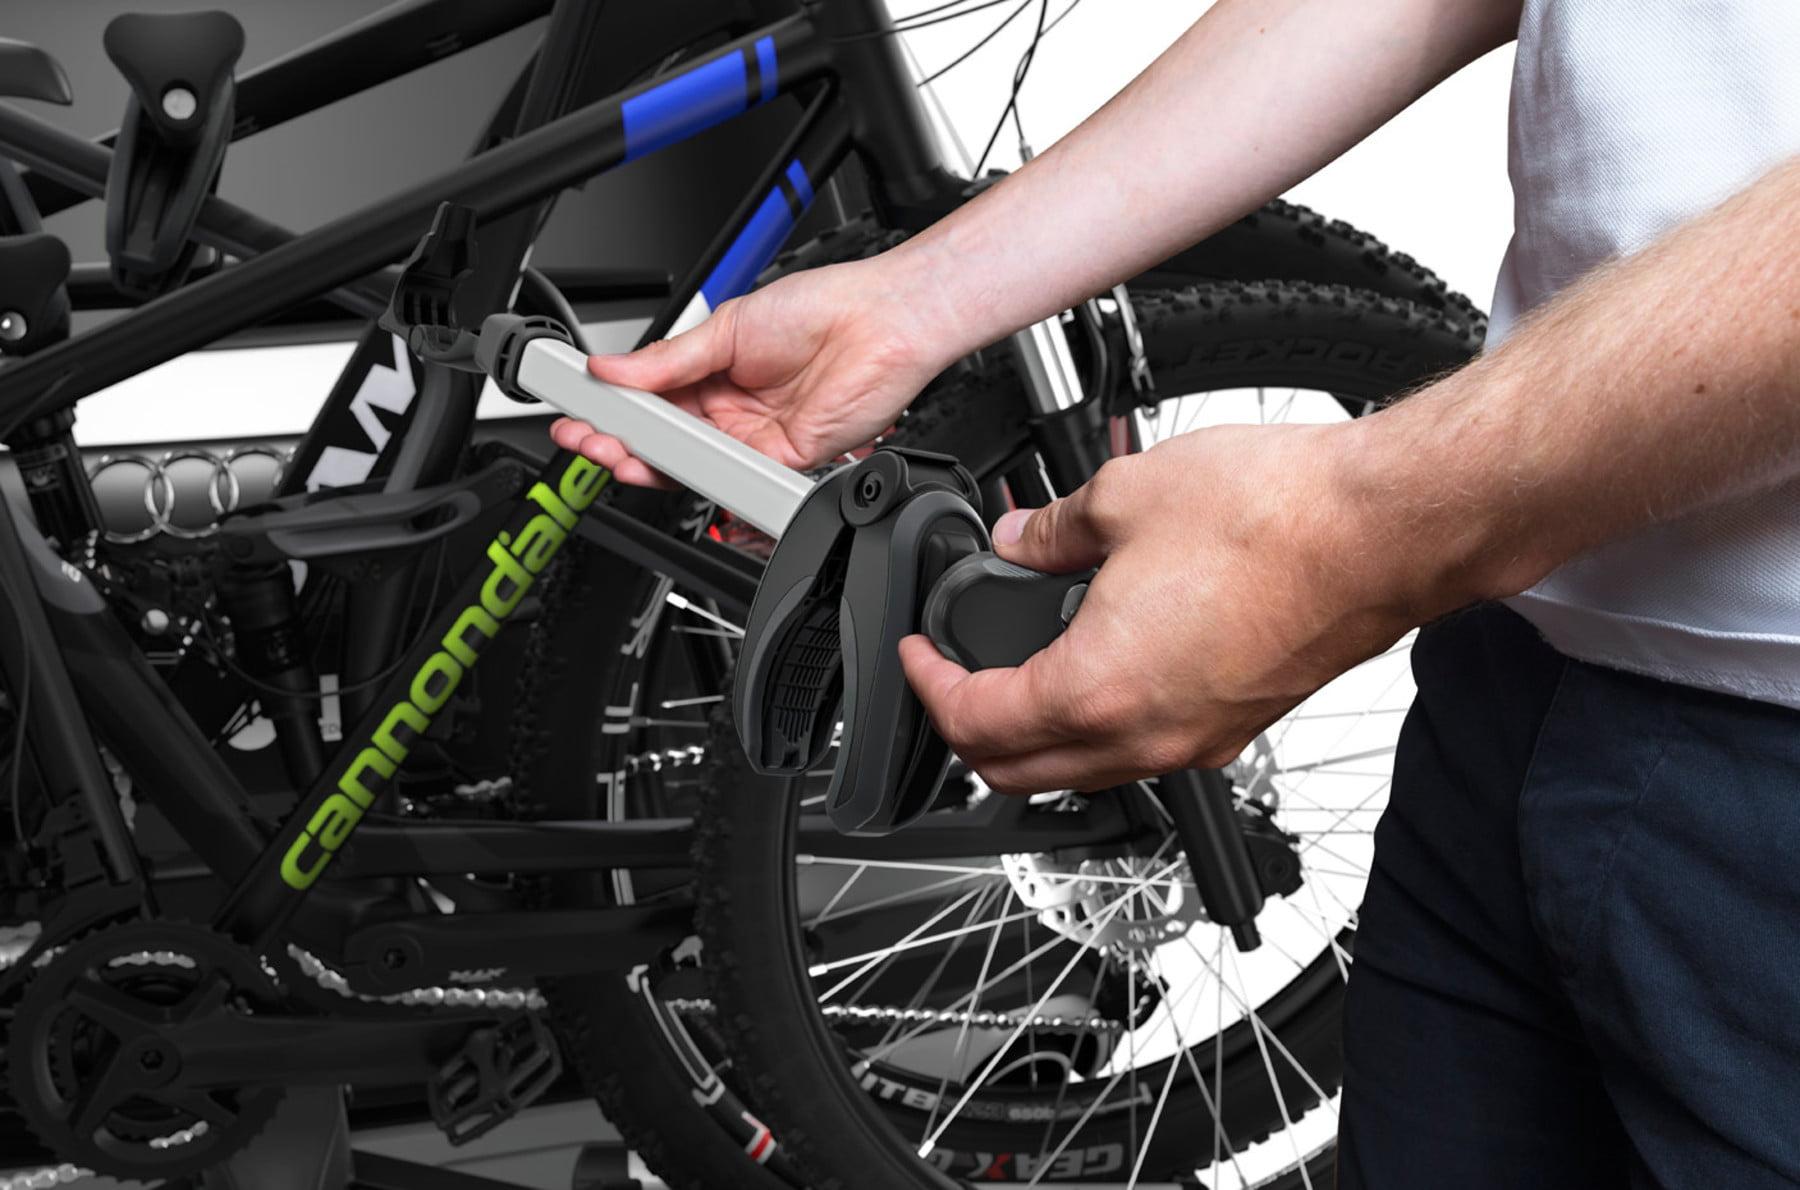 Suport pentru 3 biciclete Thule VeloSpace 939 XT3 cu prindere pe carligul de remorcare 7